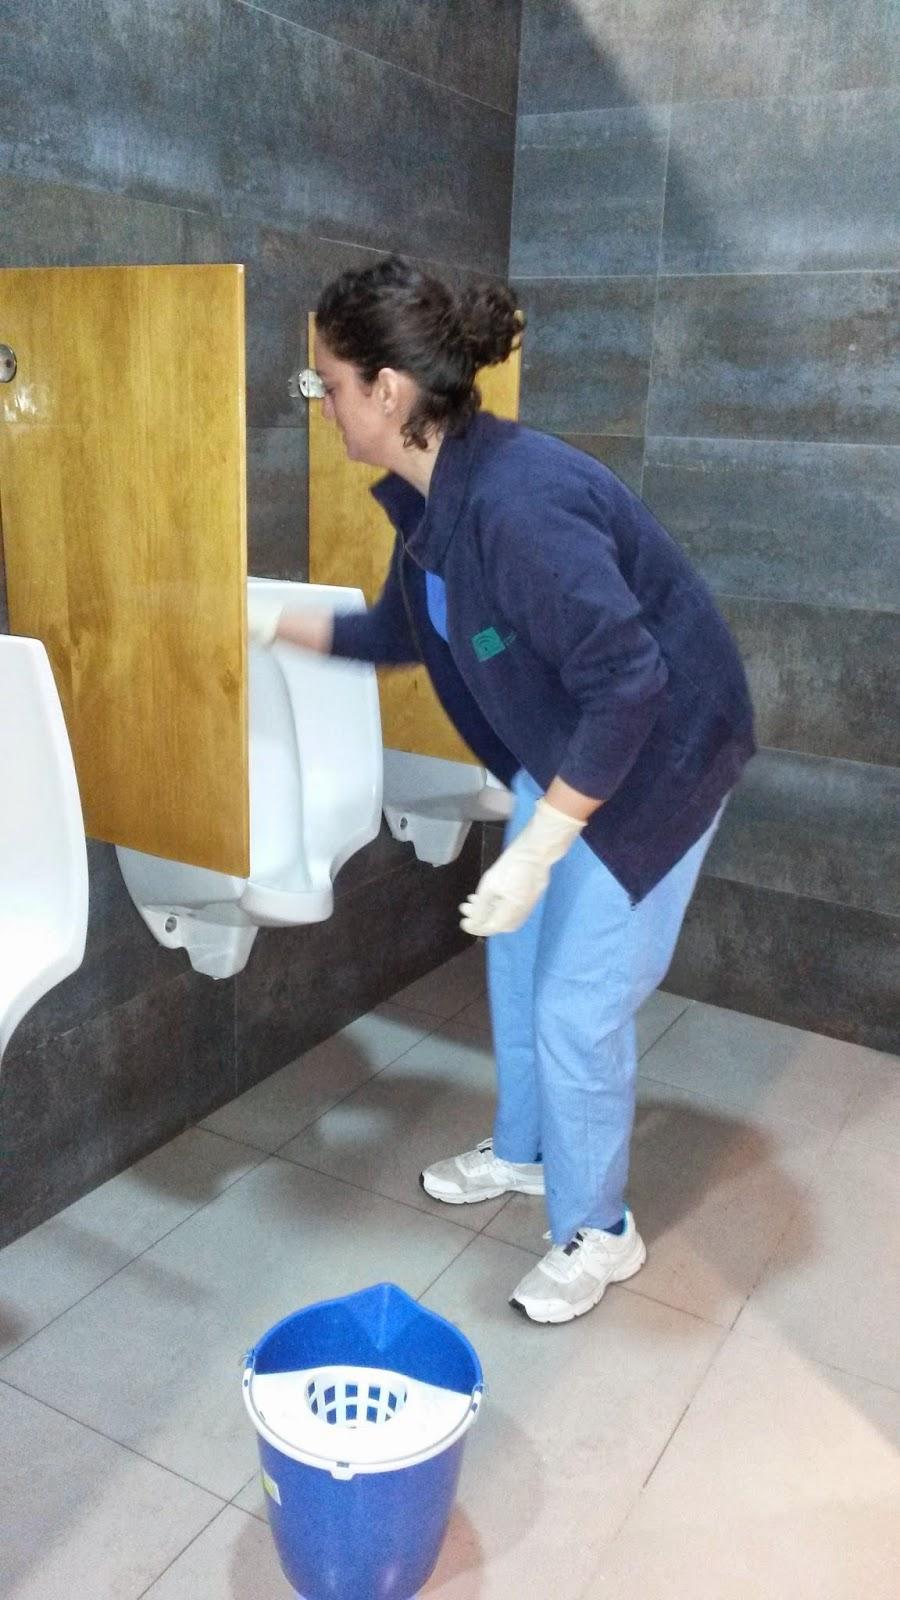 Curso de experto en limpieza y camarera de pisos burguillos practicas de limpieza en un - Camarera de pisos curso gratuito ...